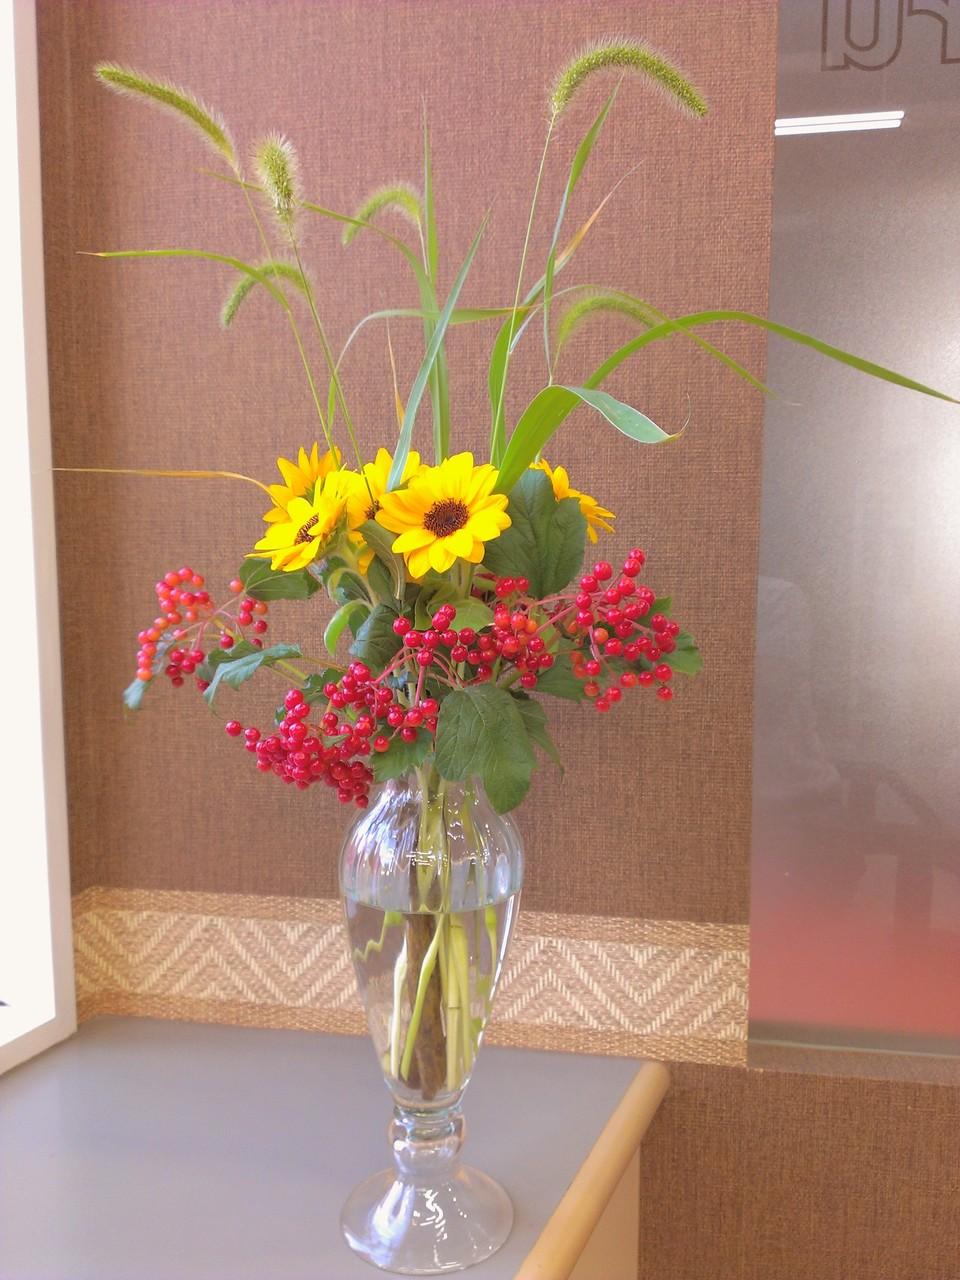 2014.08.27  ひまわり、ビバーナムコンパクタ、狗尾草(エノコログサ) ・真夏の元気じるし黄色いひまわりと、真っ赤な実をたわわに実らせたビバーナムコンパクタ、背の高い稲からフサフサとした花穂が垂れる、まさに子犬の尻尾を思わせる名前に由来の狗尾草(エノコログサ)、よく知られた別名:ねこじゃらし。晩夏をイメージしたアレンジメントとなります。花言葉:ひまわり【あこがれ、熱愛、光輝】、ビバーナムコンパクタ【茶目っ気、幸せが飛んでくる】、狗尾草【遊び、愛嬌】